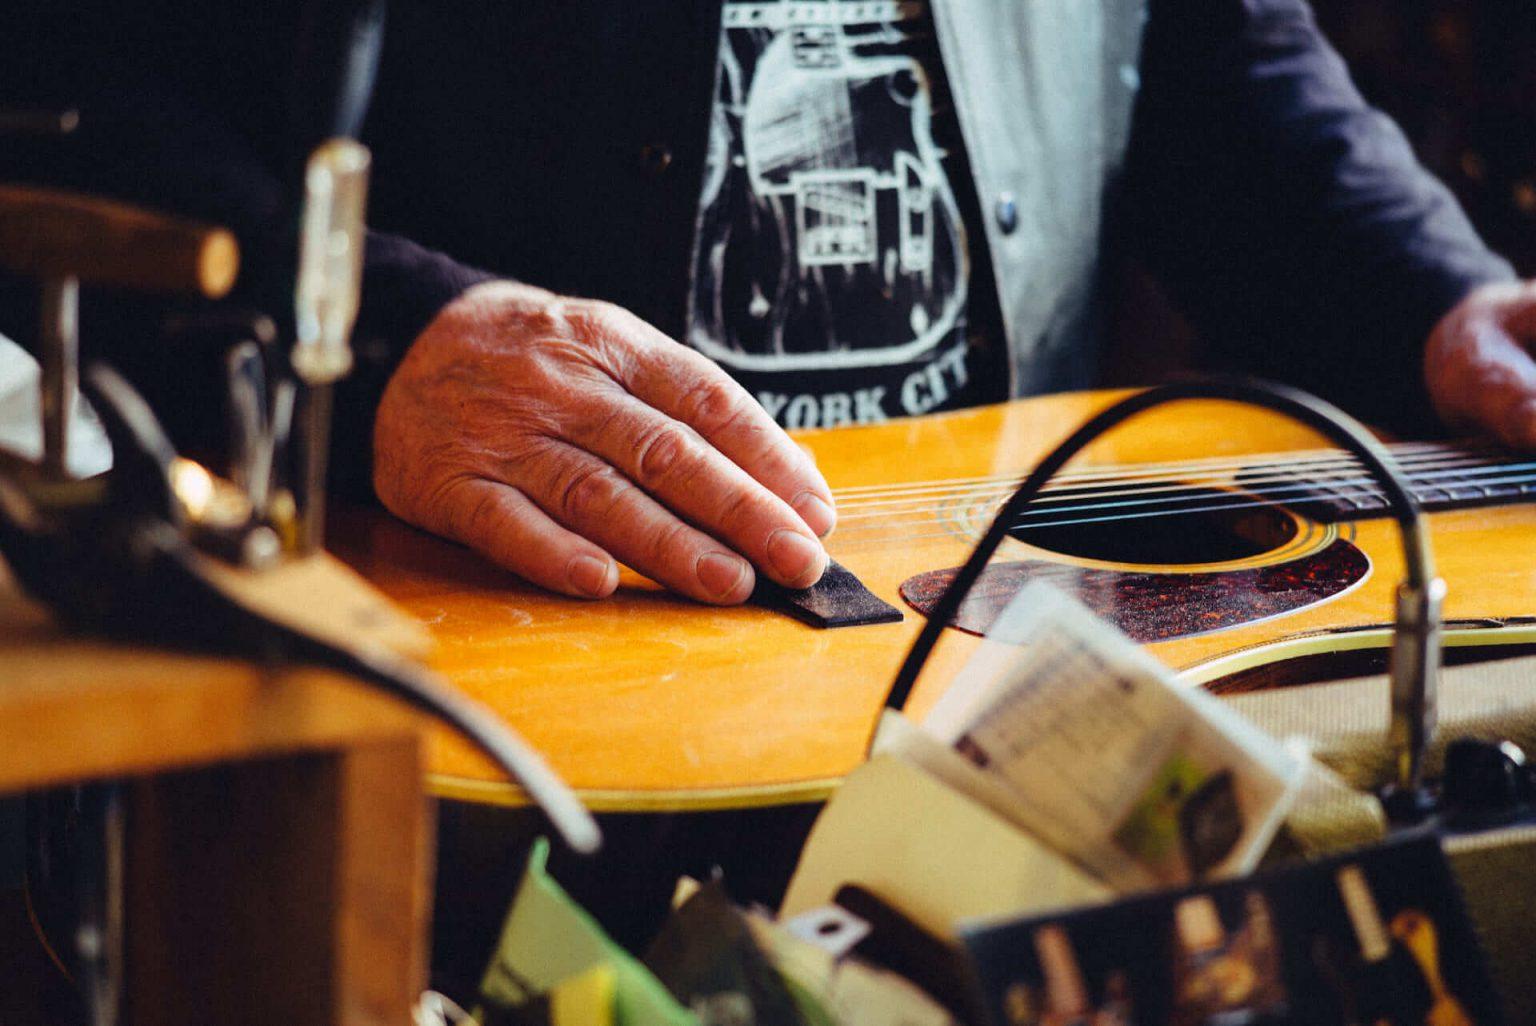 11_2420_AT_CarmineStreetGuitars-1440x962 歴史が染みついた建築物でギターを作る「Carmine Street Guitars」ギター職人の工房と、シティの限られた行き先